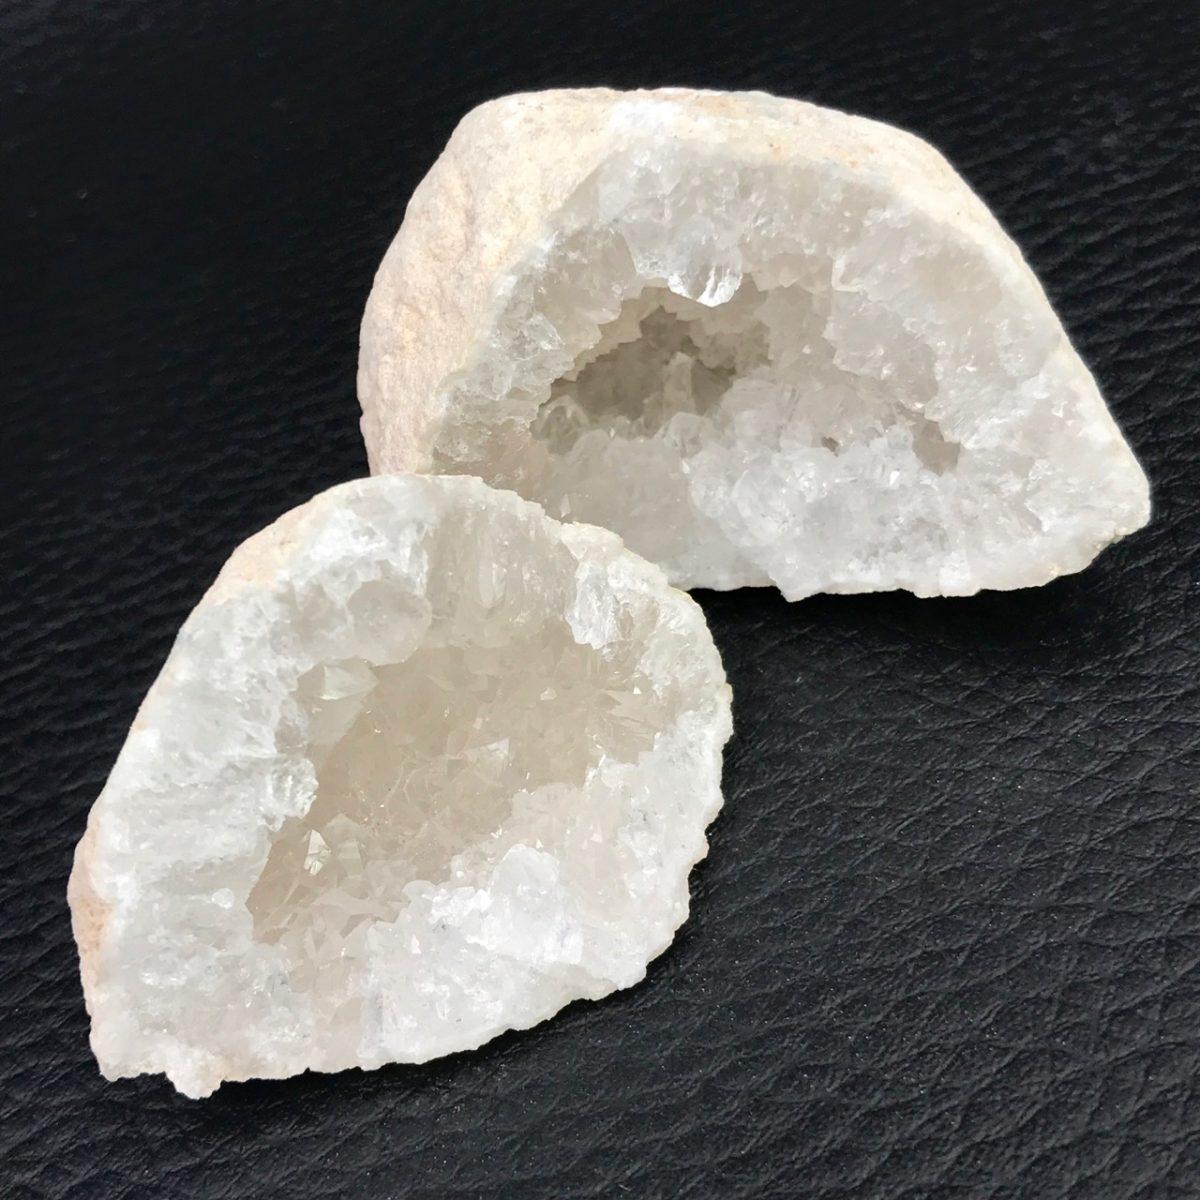 géode-cristal-roche